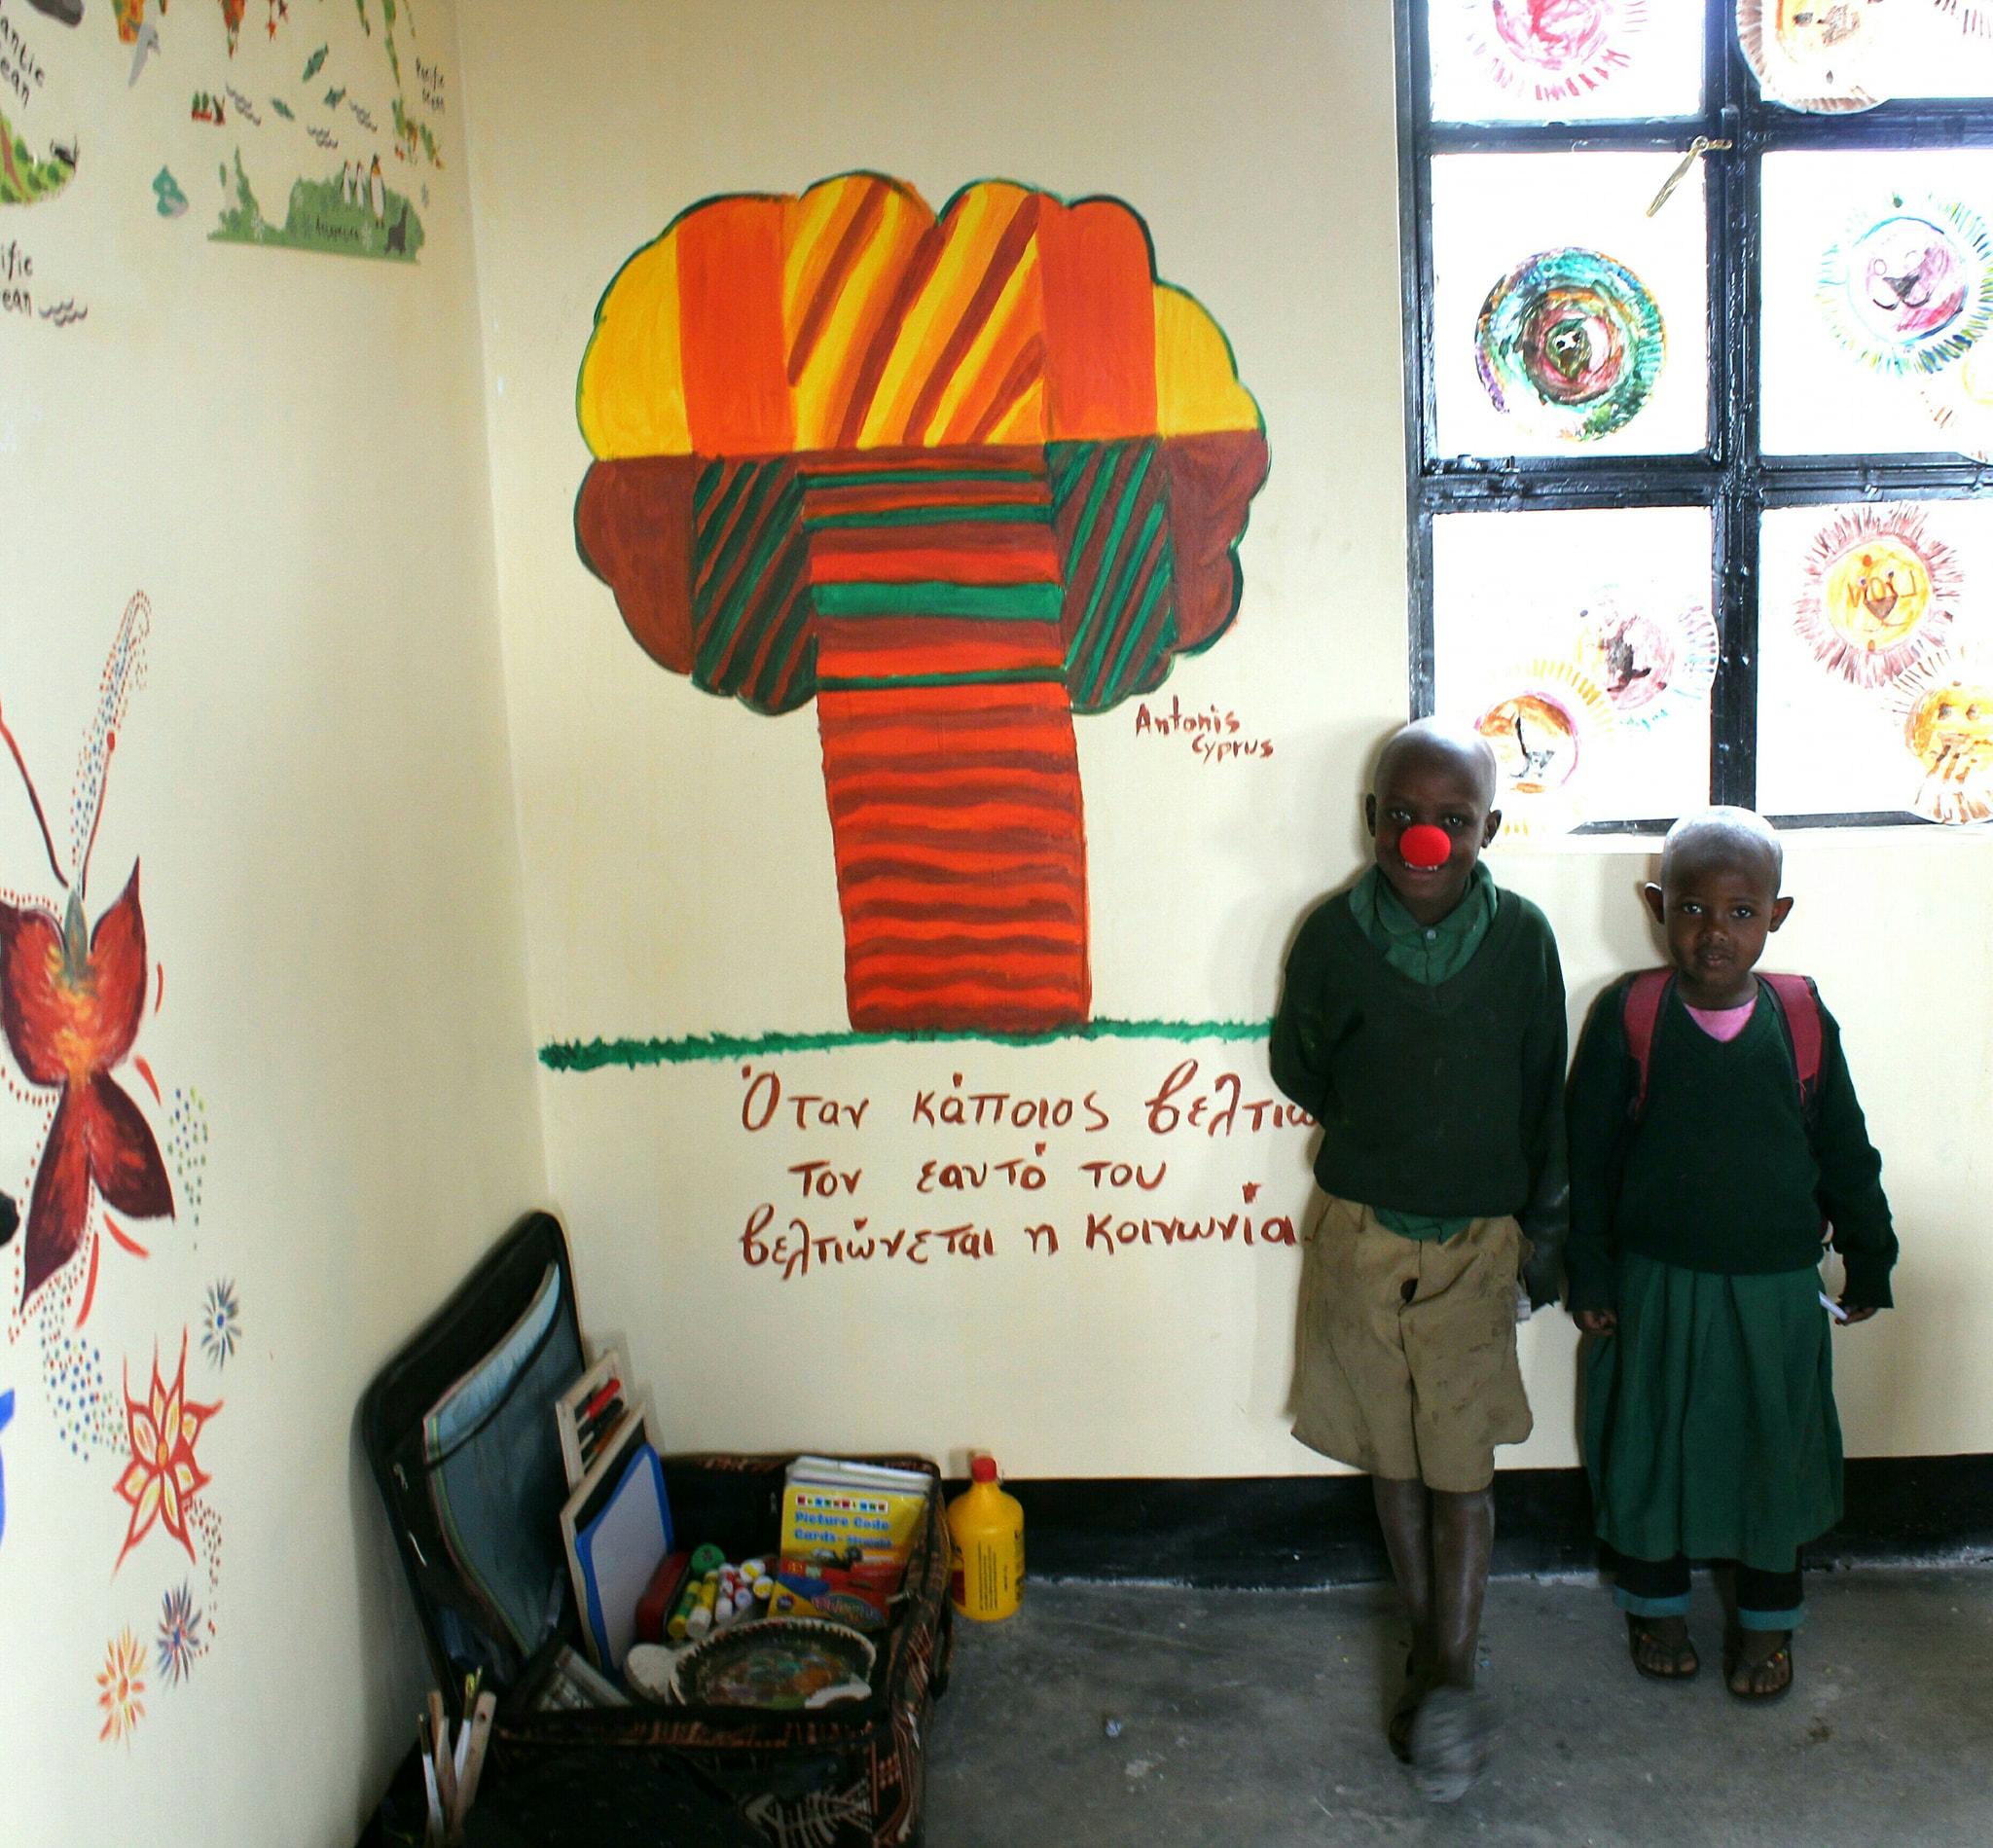 Τανζανία,   Αφρική - 16 Νοεμβρίου, 2018   Το δεντράκι του 9χρονου Αντώνη Πισσαρίδη που διακοσμεί τις οικολογικές τσάντες που δημιούργησε για να μαζέψει εισφορές για το σκοπό μας είναι πλέον μέρος του σχολείου και τα παιδιά το λατρεύουν. Οι πράξεις του βοήθησαν στην αγορά των καινούργιων θρανίων για τους μαθητές. 👏 Σε ευχαριστούμε Αντώνη μου για την πρωτοβουλία σου.